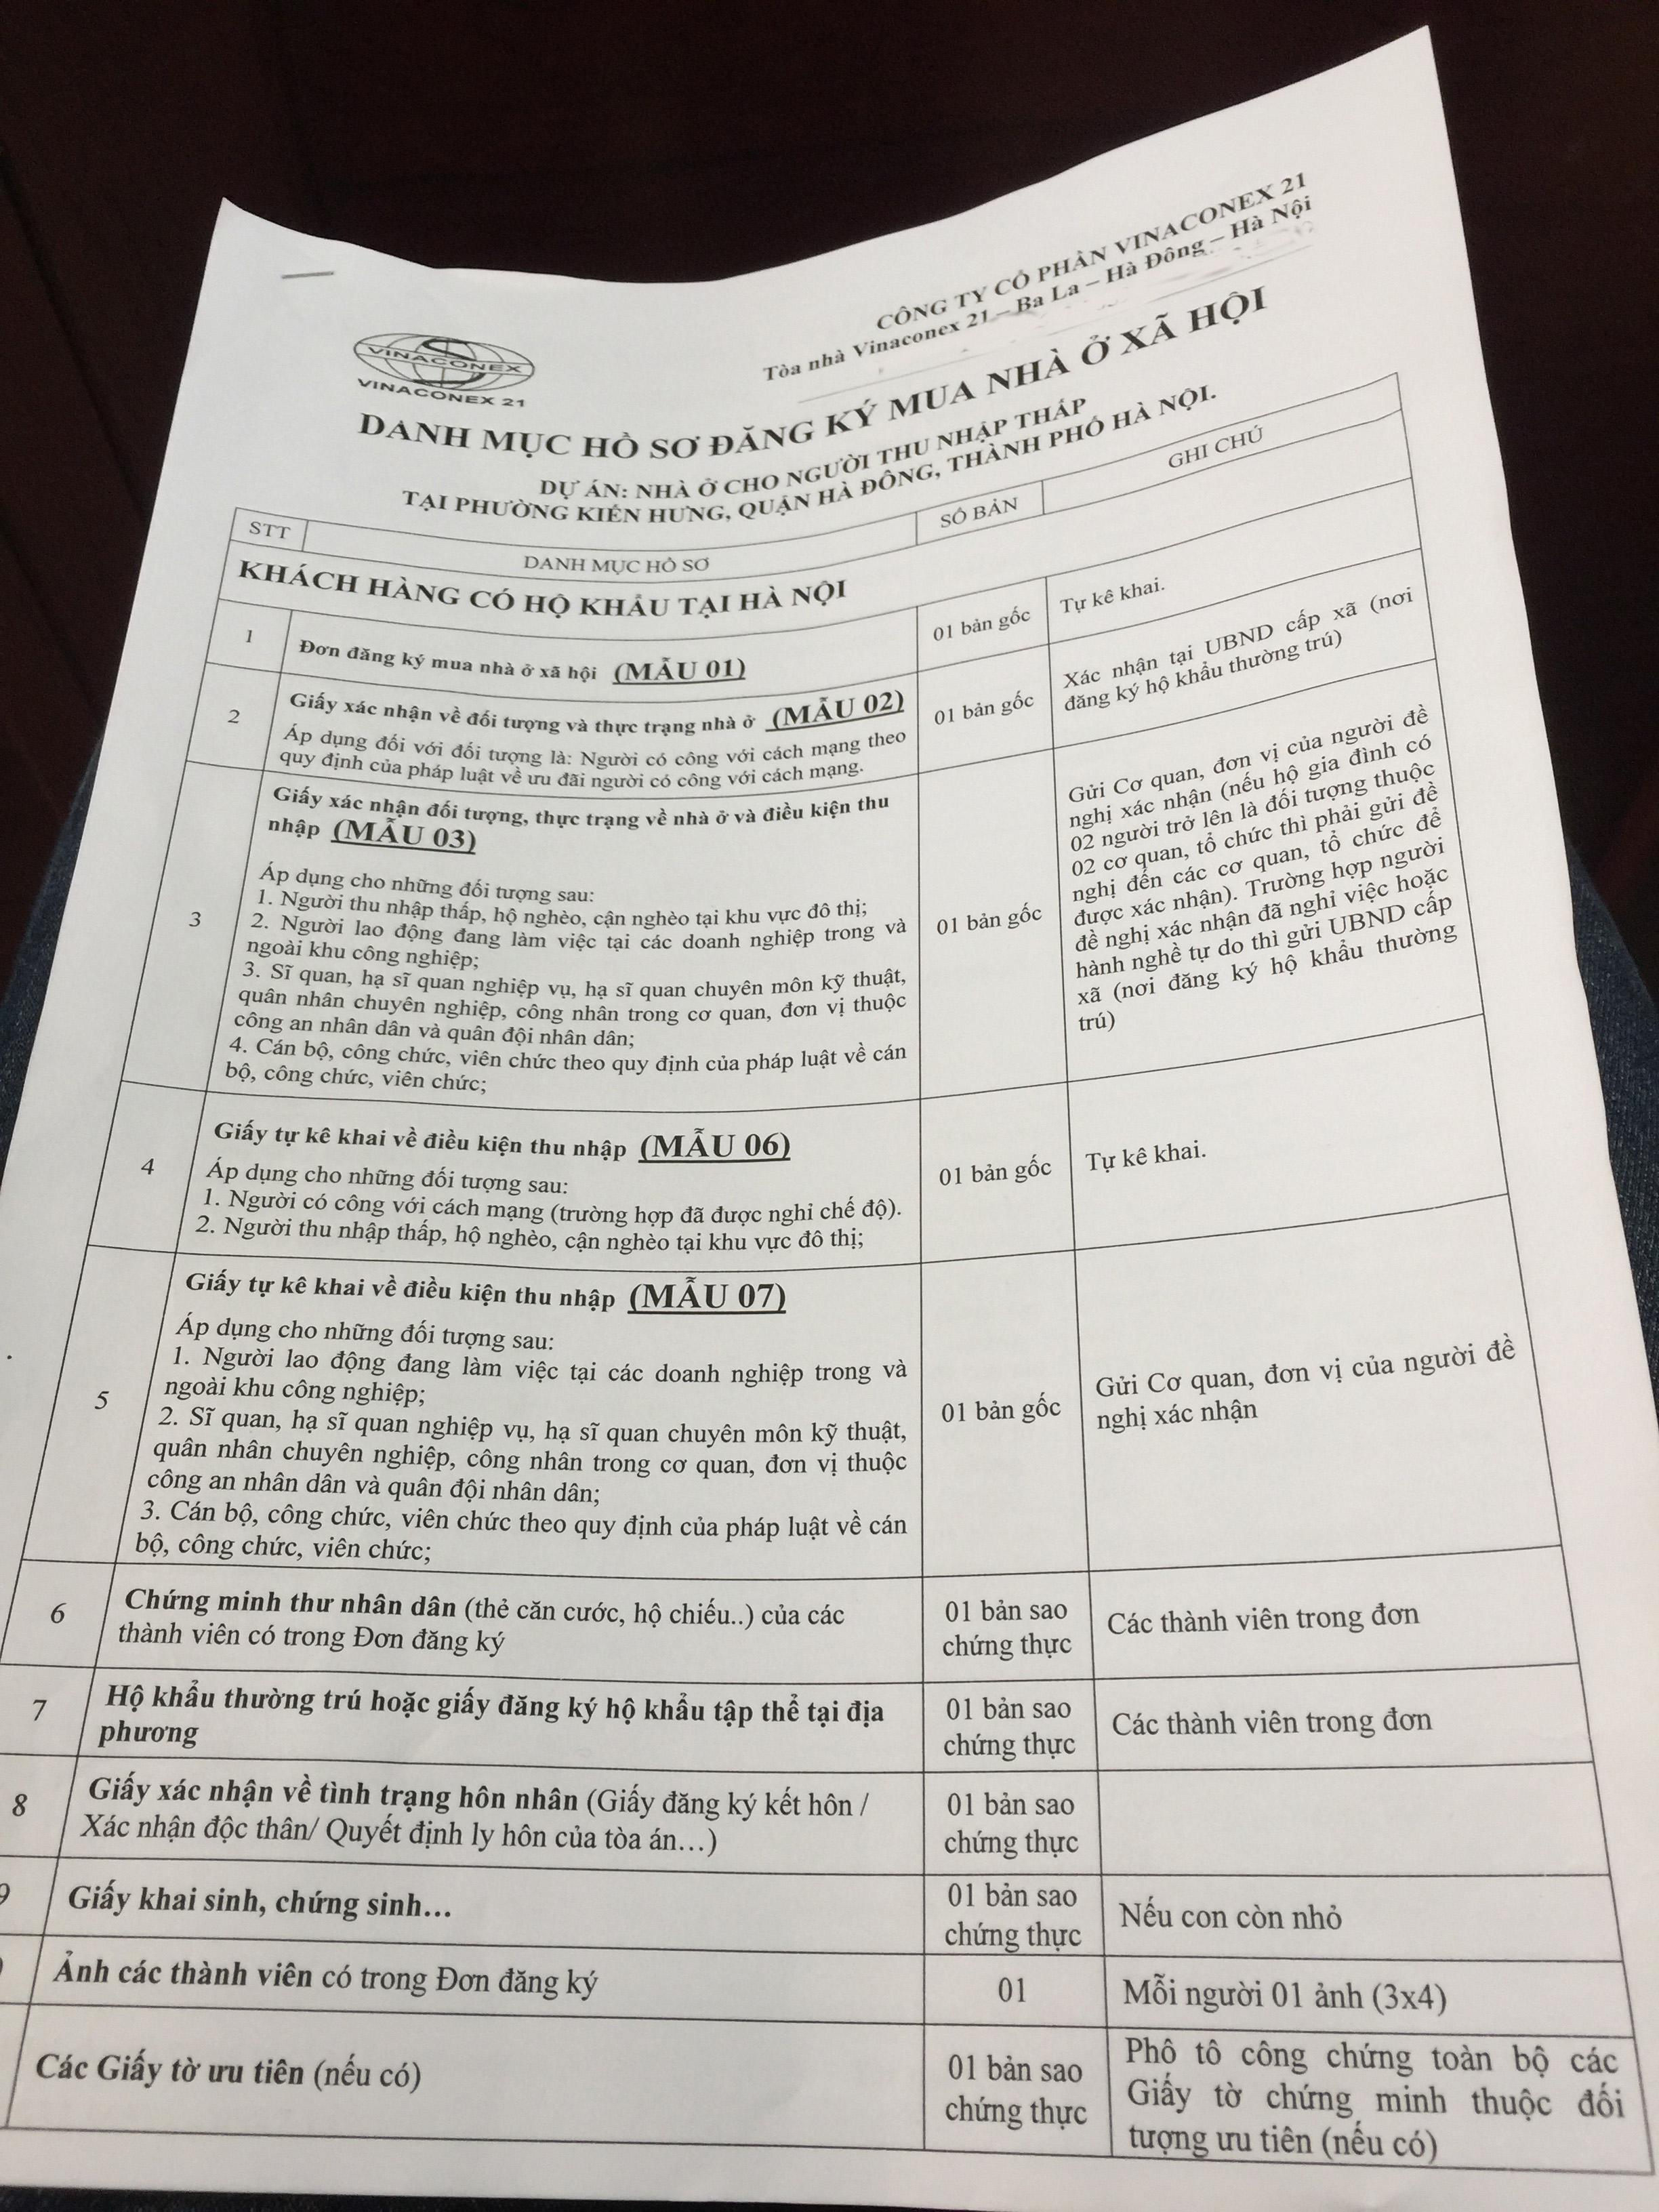 Thủ tục - hồ sơ đăng ký mua nhà ở xã hội Lucky House Kiến Hưng Hà Đông